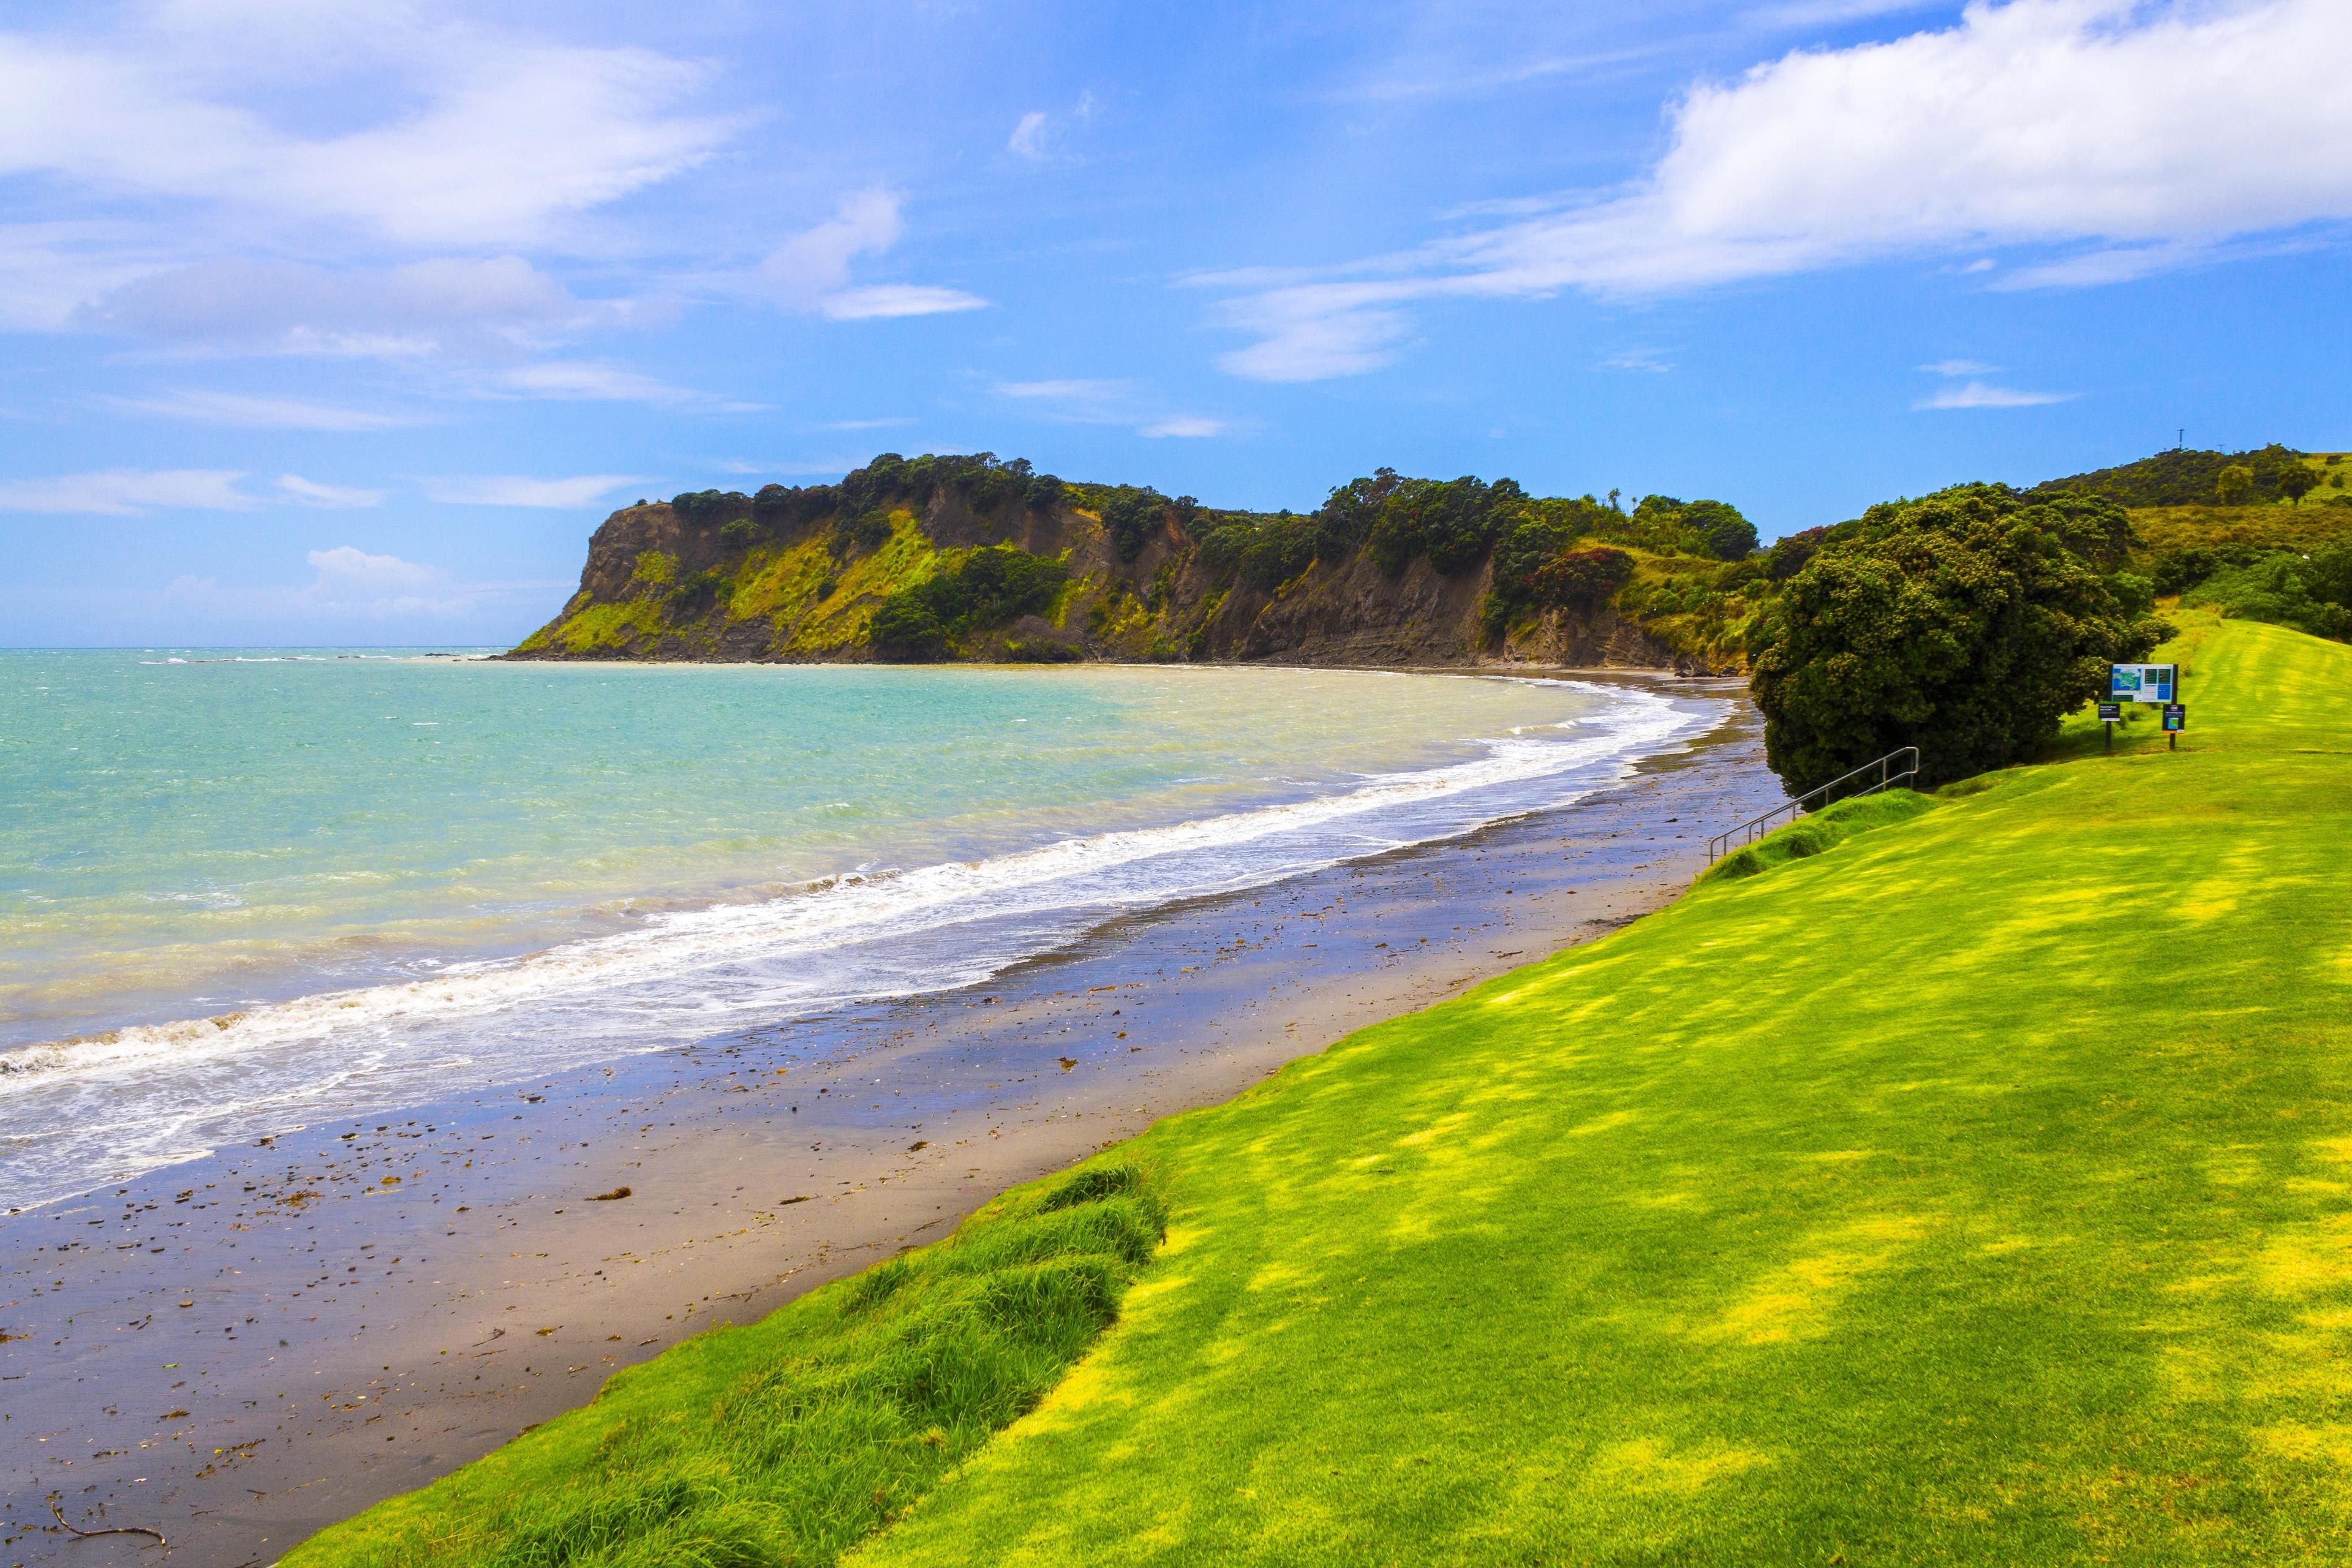 Army Bay, Whangaparaoa, Auckland Region, New Zealand